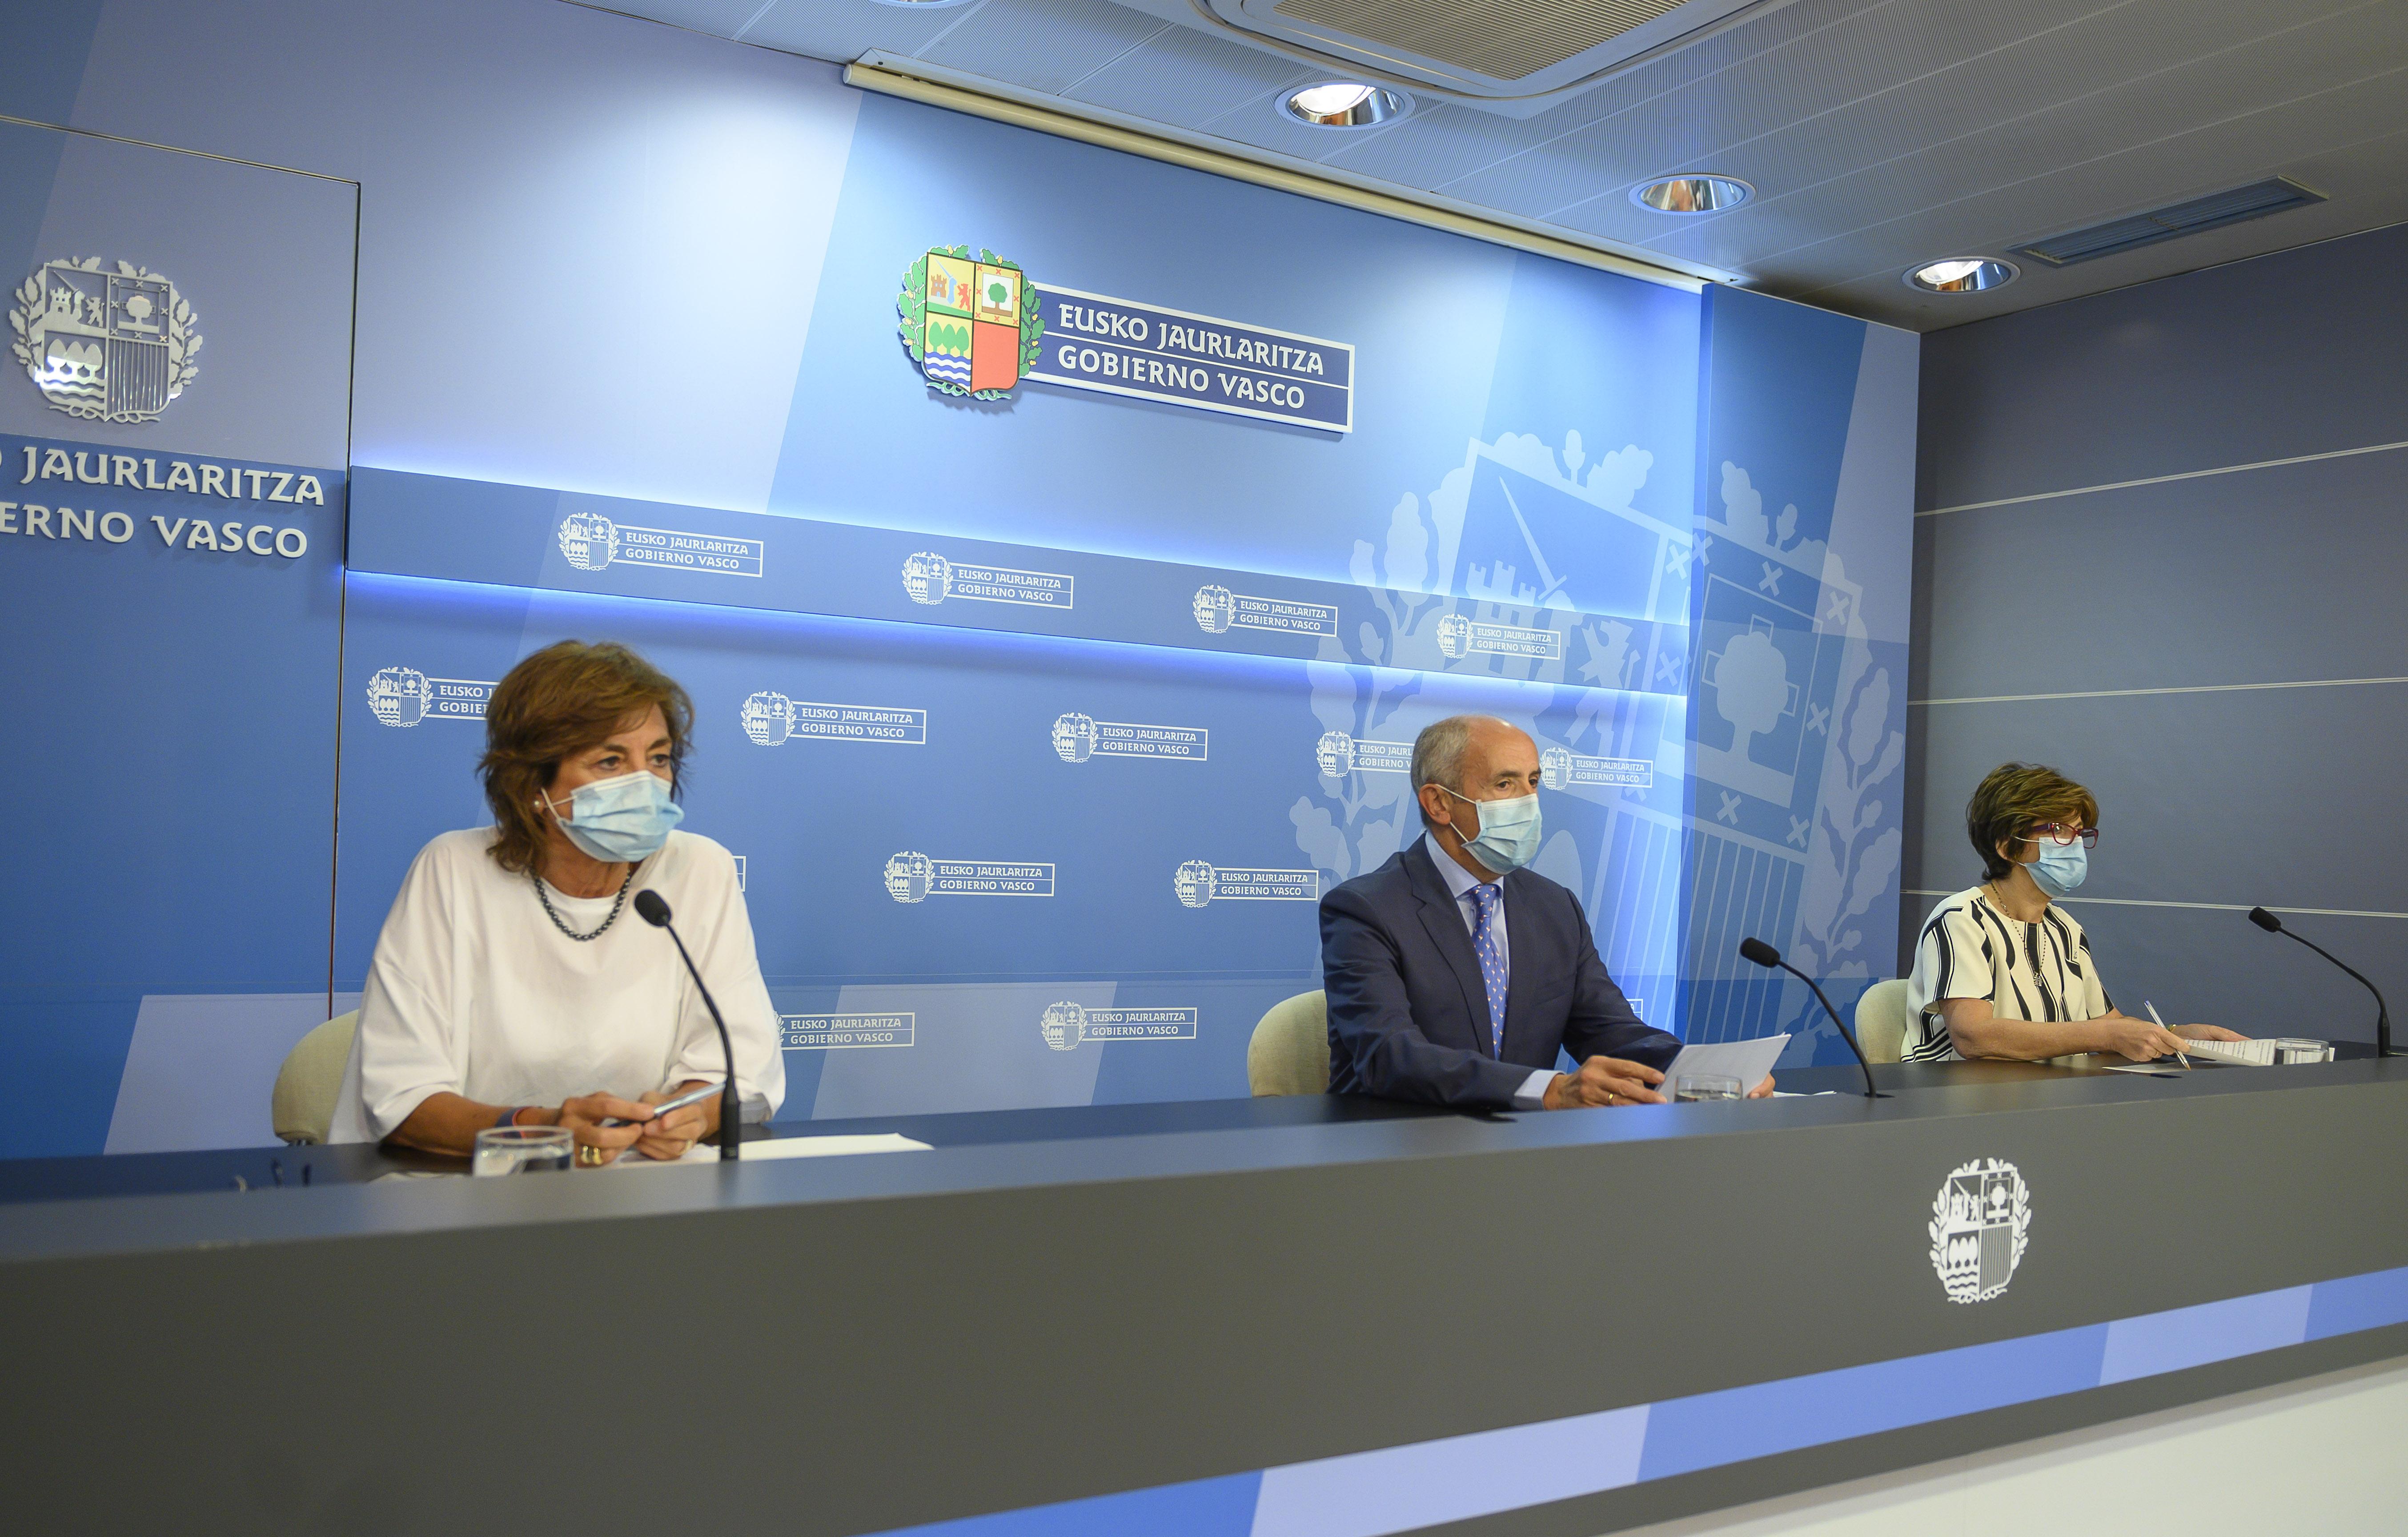 El Gobierno Vasco trabaja para garantizar que la vuelta a clase en septiembre sea segura para toda la comunidad educativa